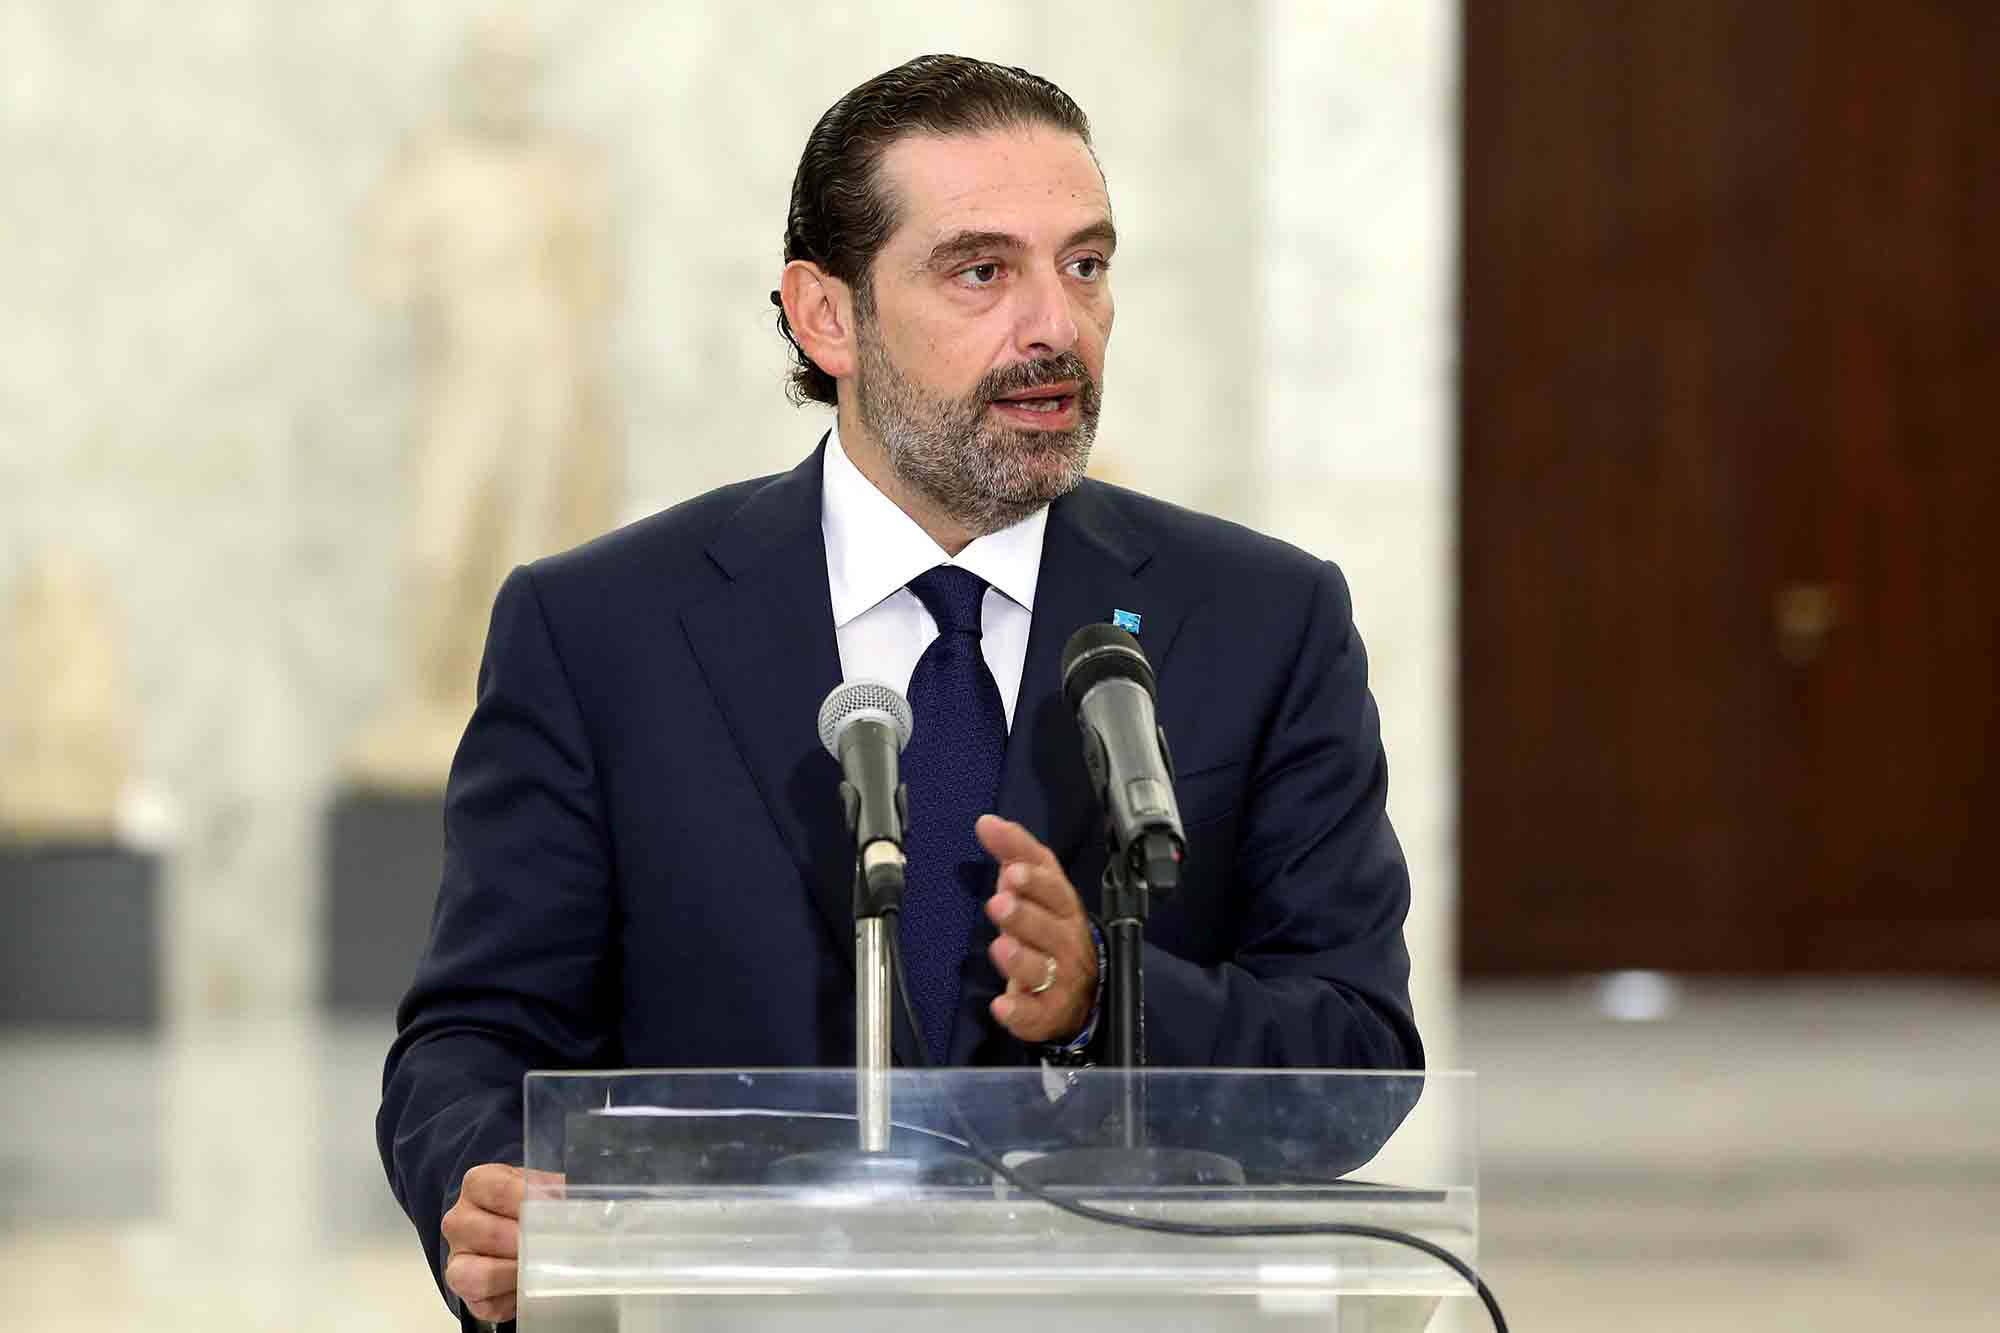 Dalati Aoun 01 Former Pm Saad Hariri 2